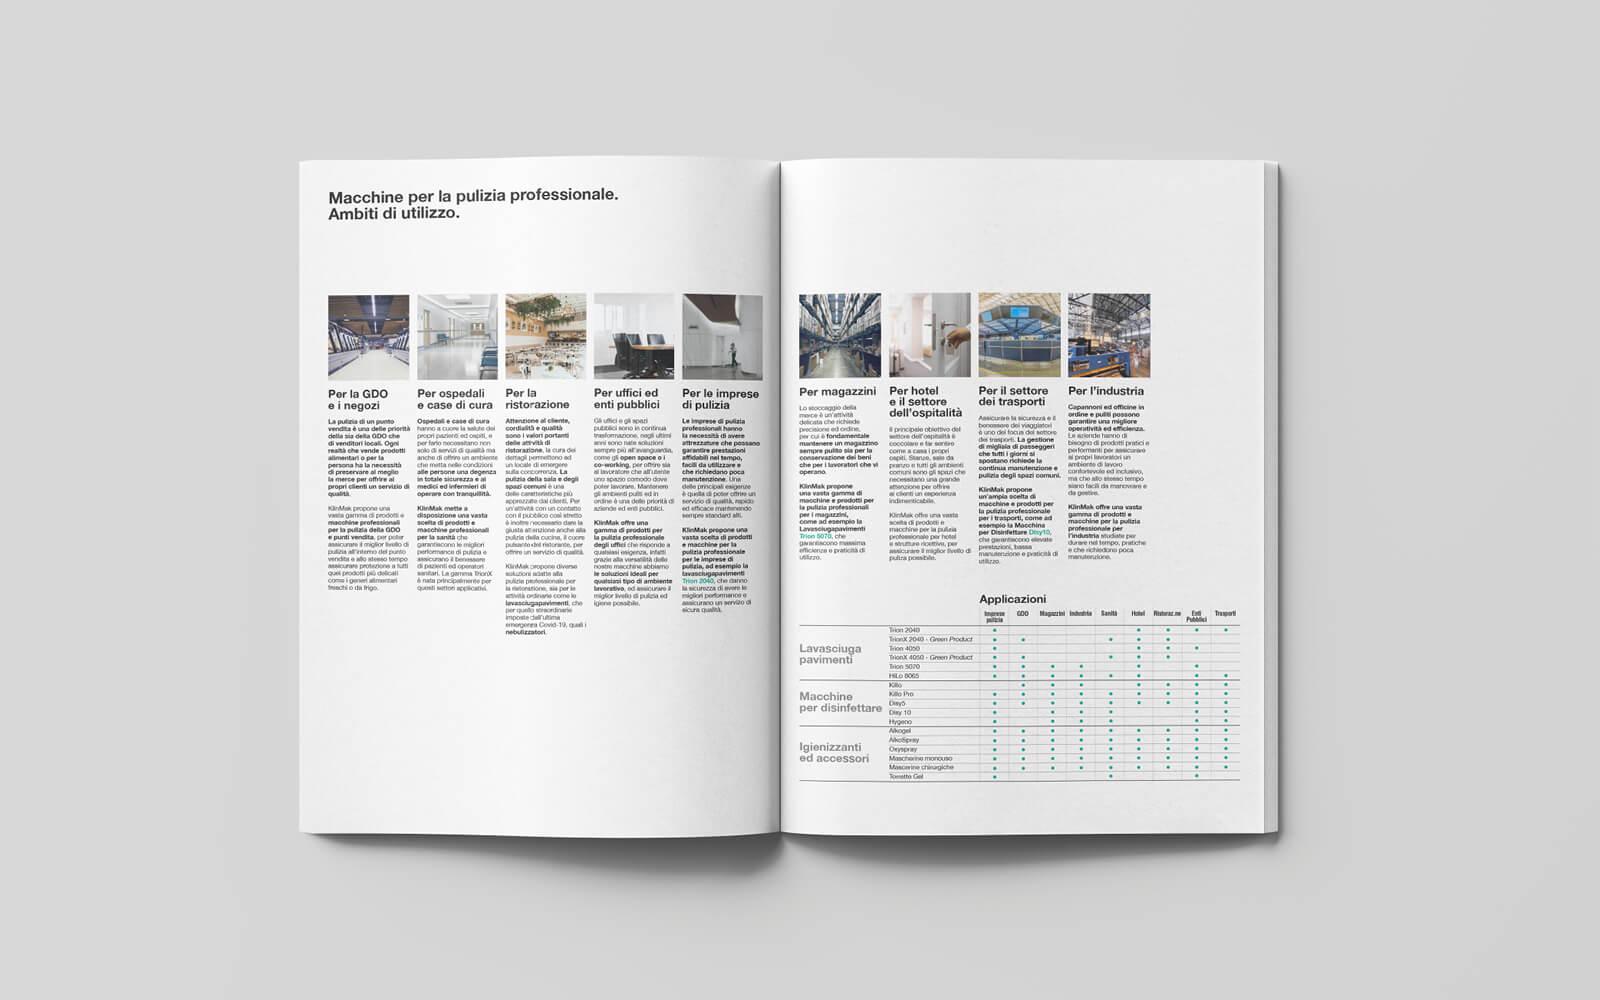 dettaglio pagine introduttive catalogo prodotti pulizia progetto grafico della agenzia di pubblicità diade studio arco di trento